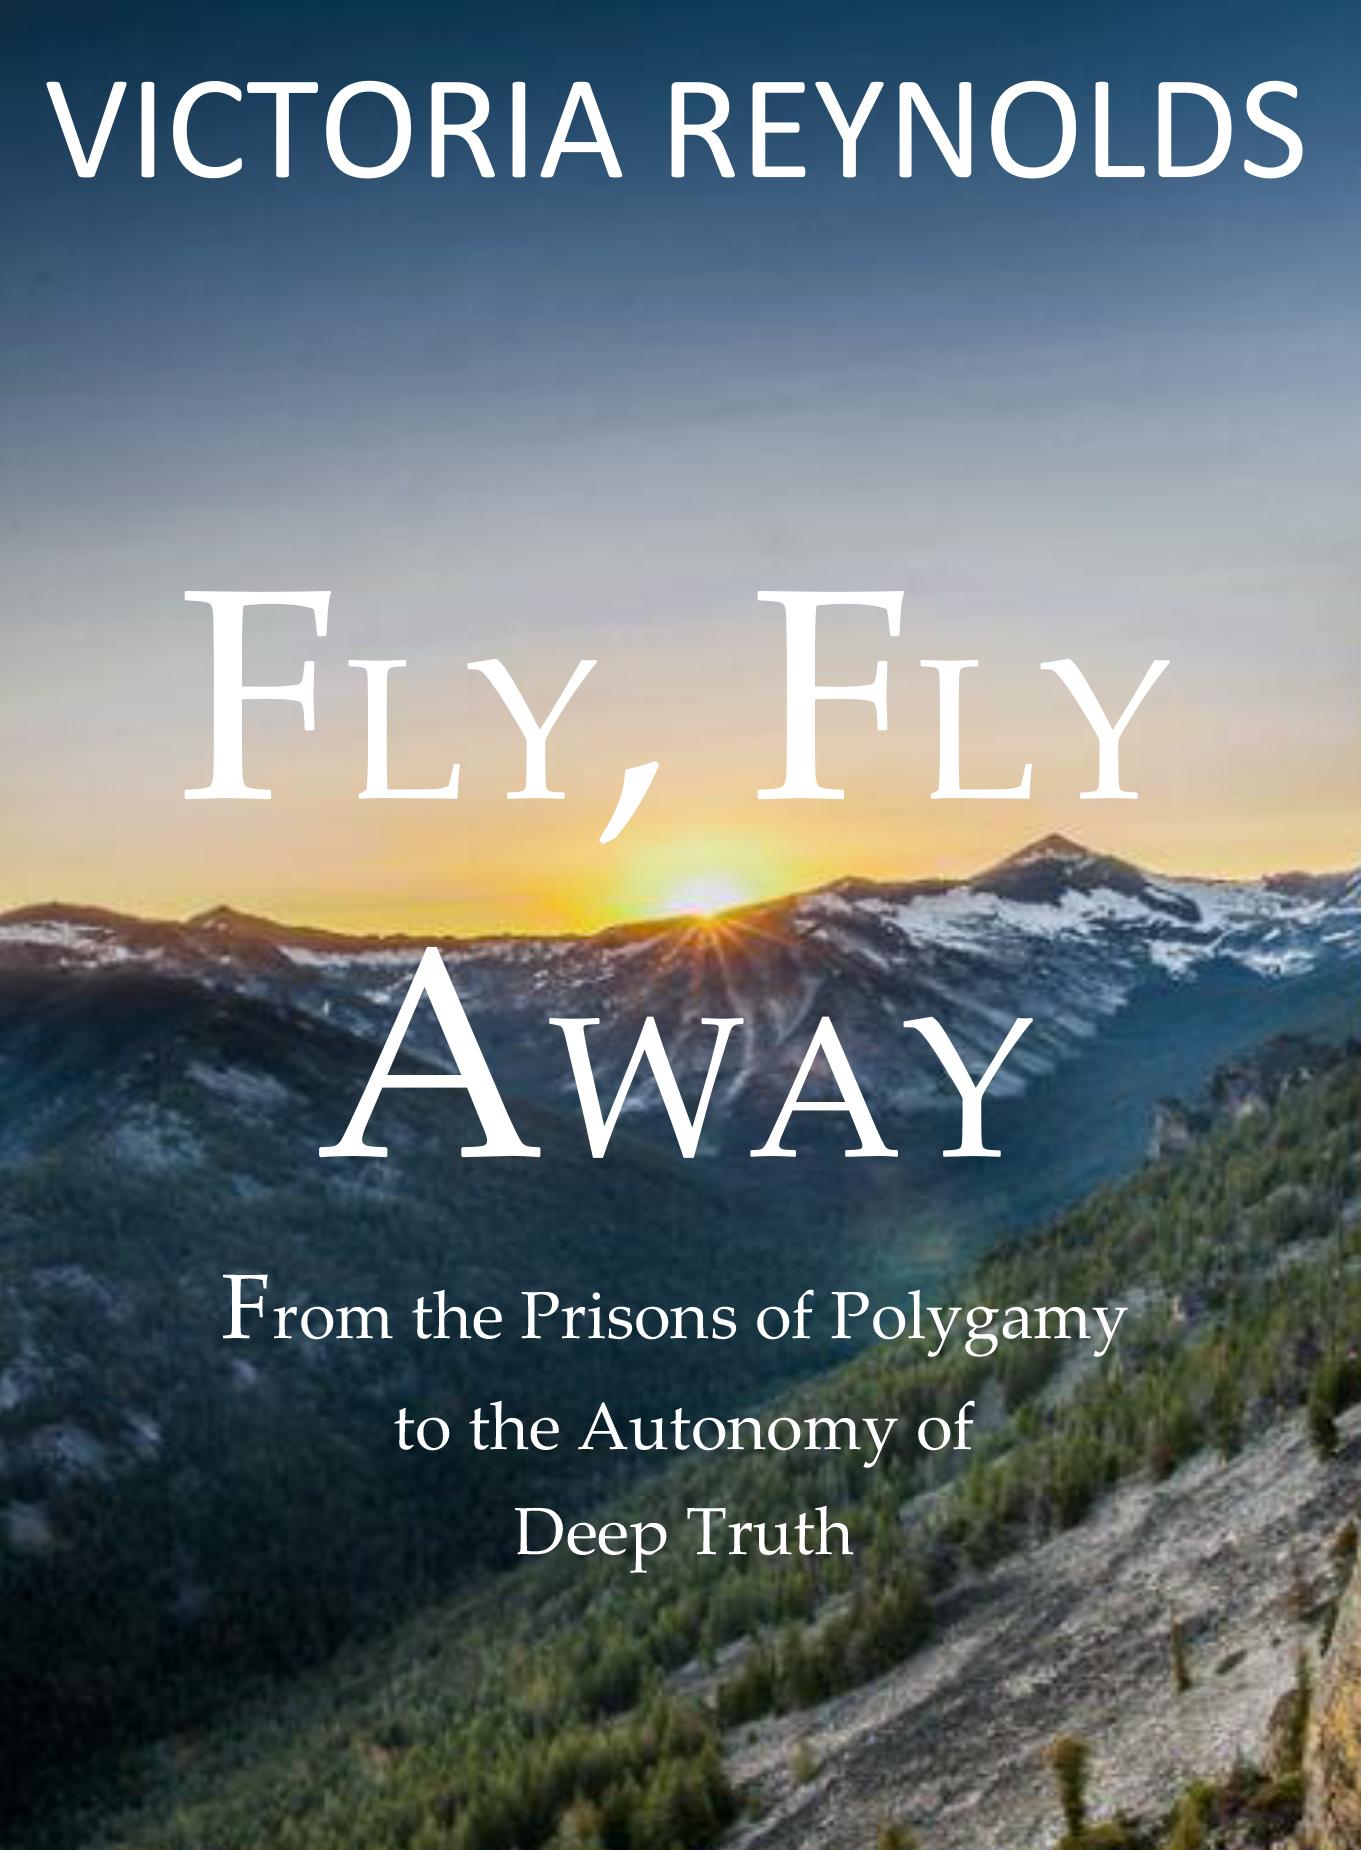 FLY FLY AWAY COVER 2018-1.jpg